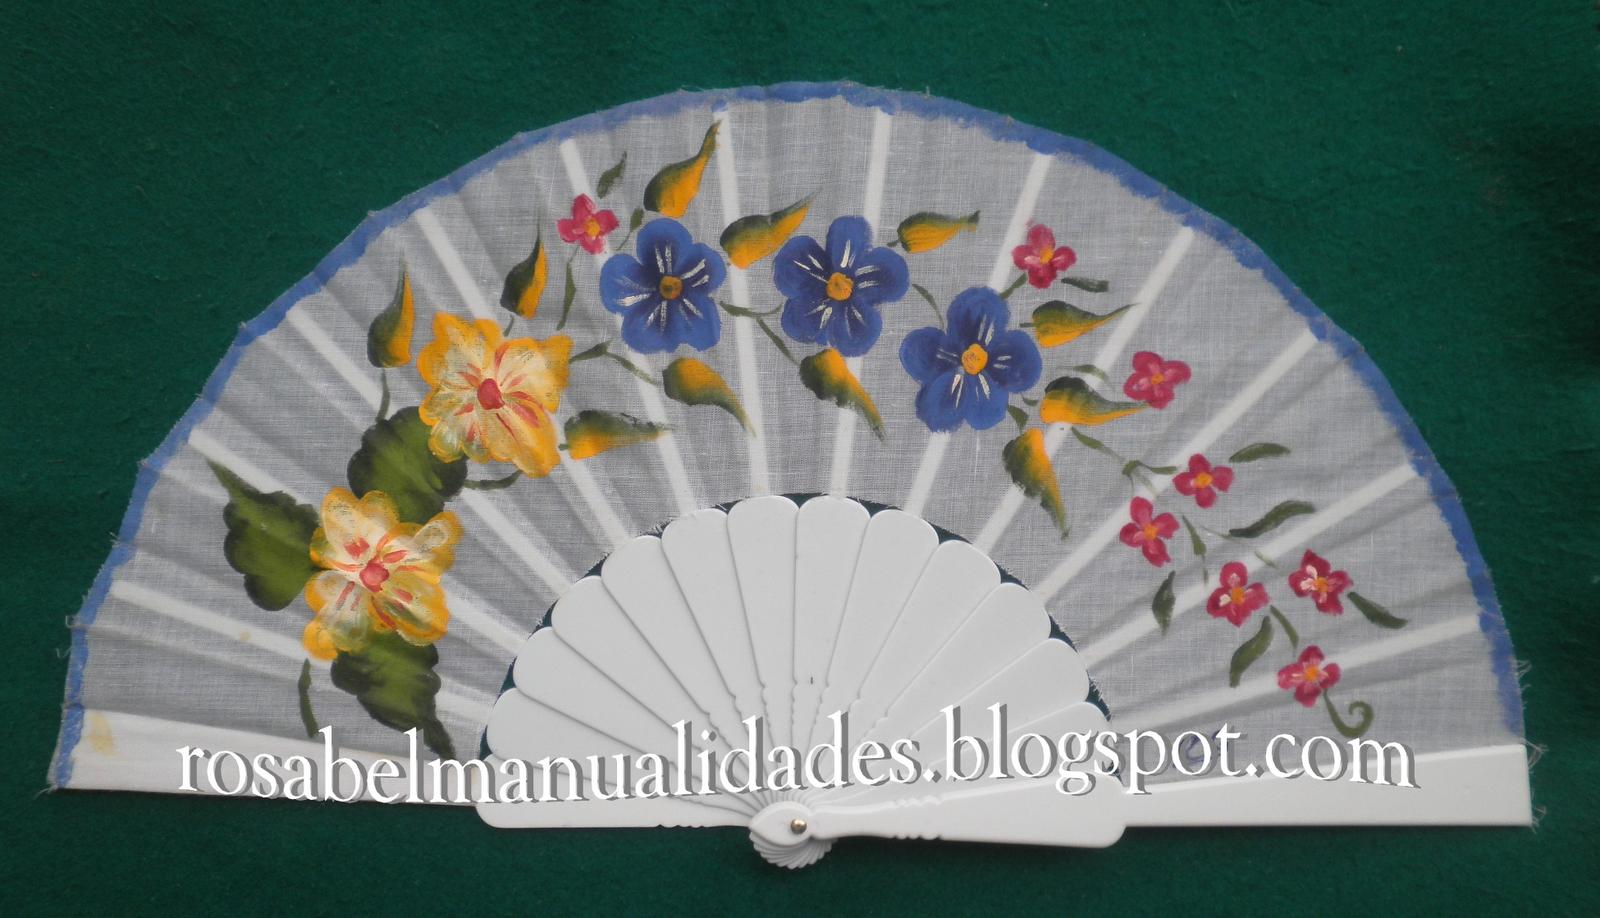 Todo tipo de trabajos de manualidades hechos con cari o manualidades abanico pintado - Manualidades con papel pintado ...